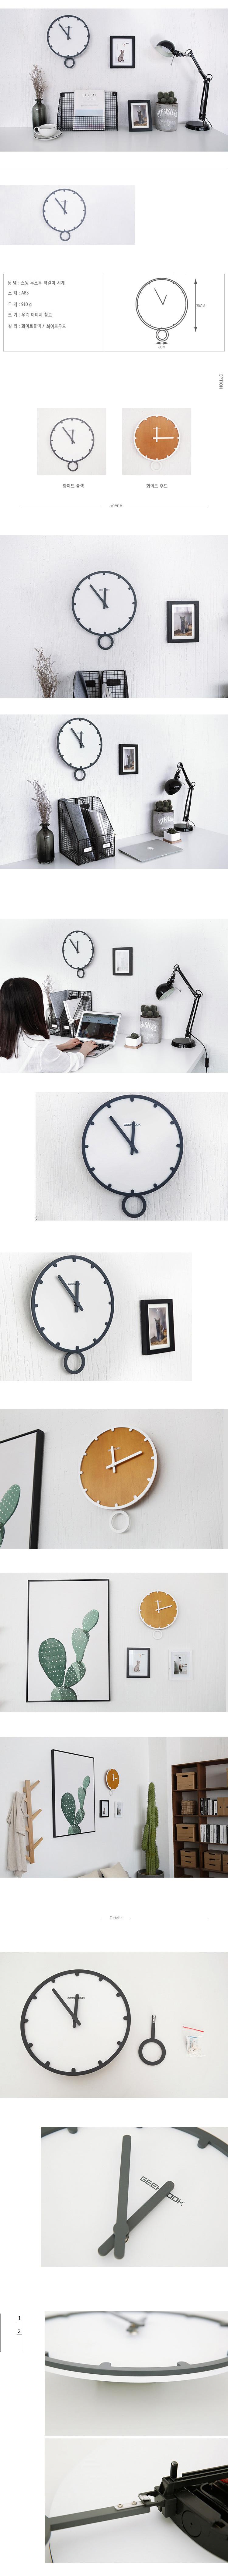 스윙 무소음 벽걸이 시계 - 연호디자인, 31,200원, 벽시계, 무소음/저소음